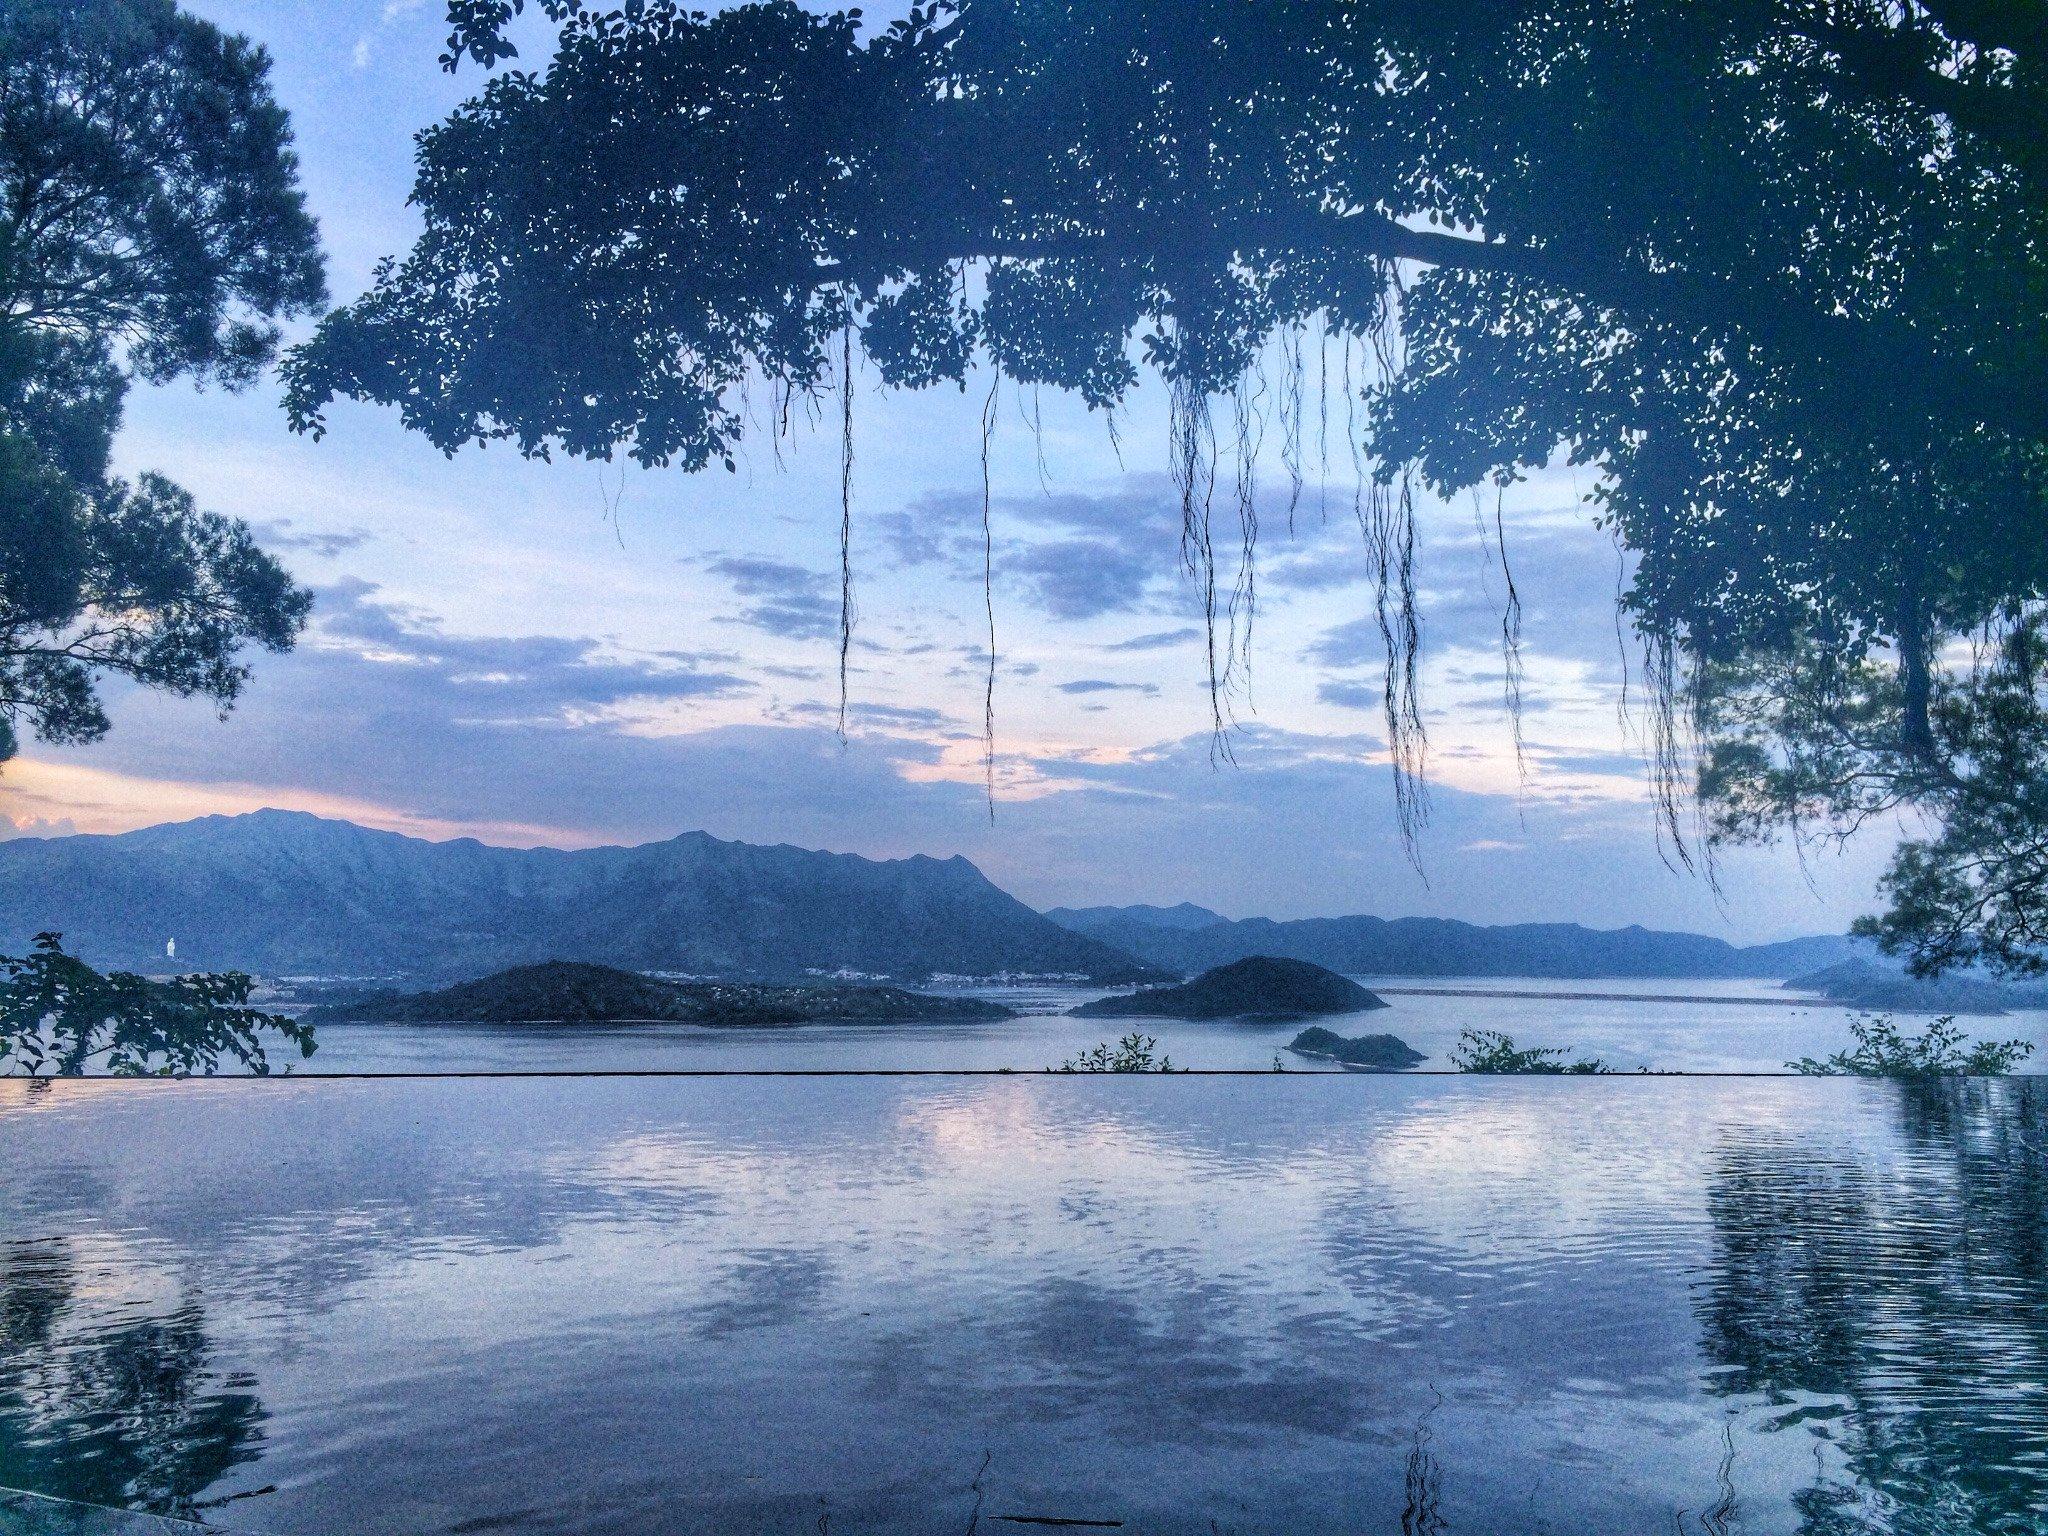 香港也有美丽风景